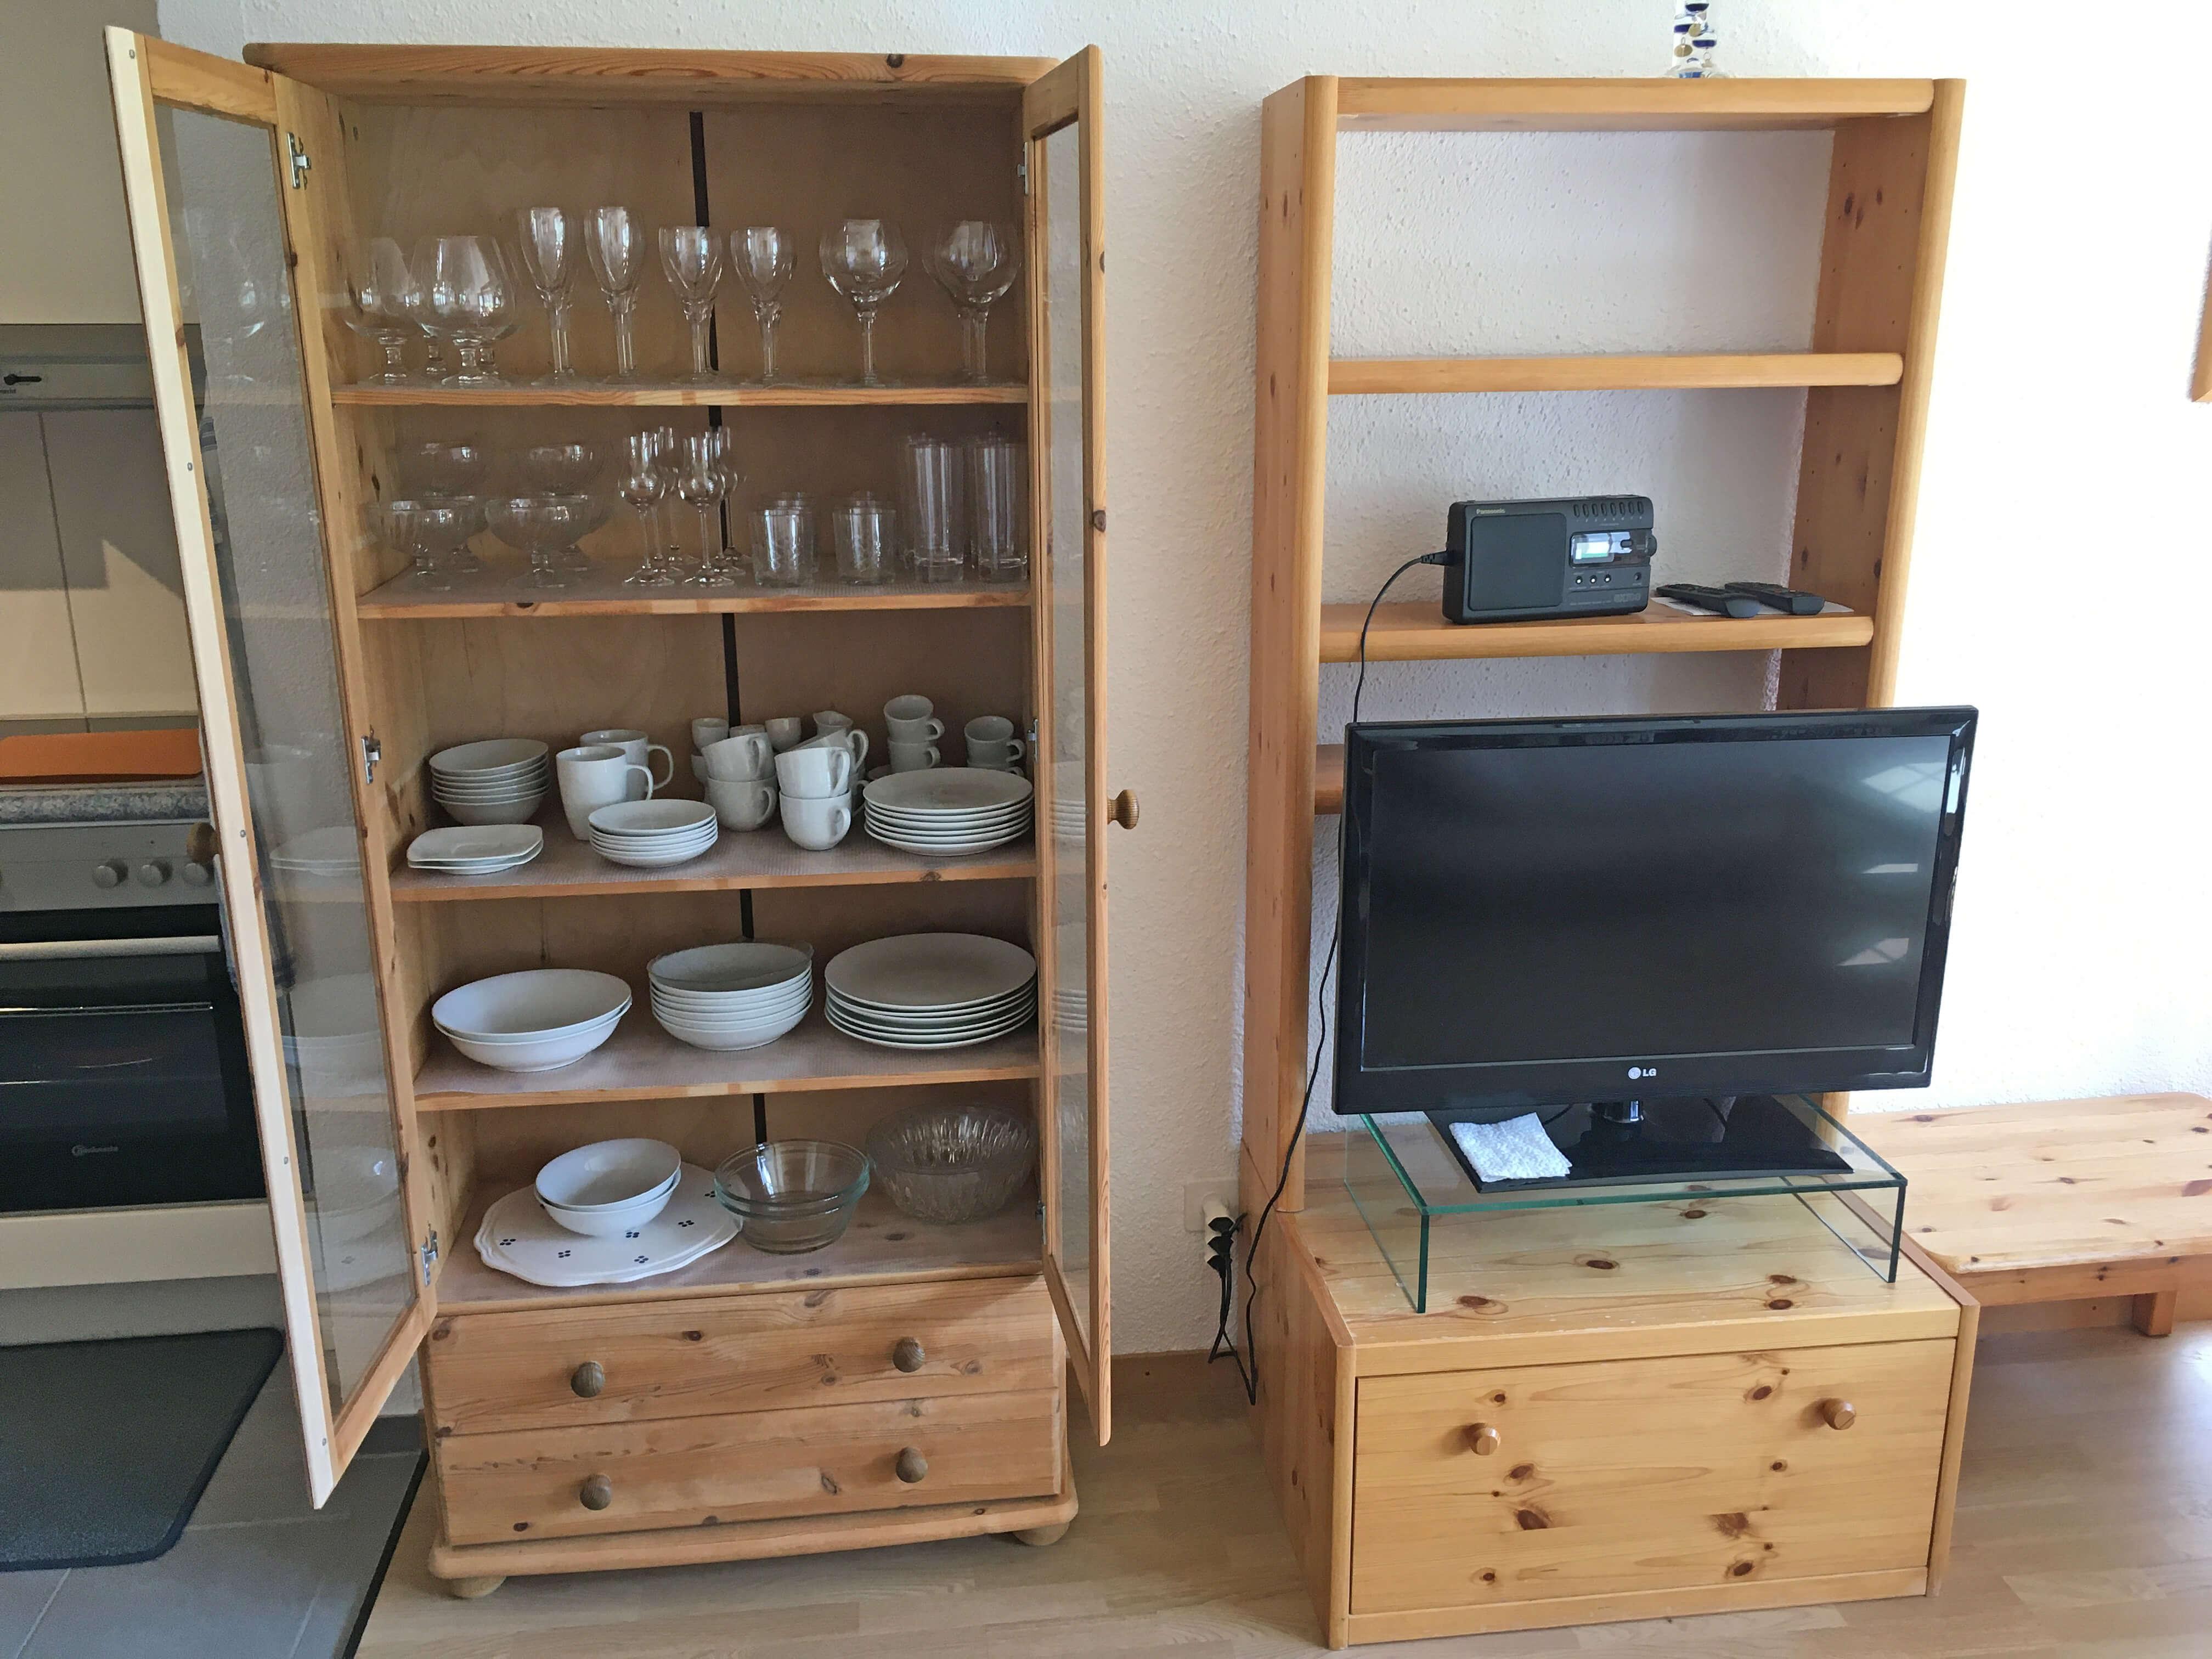 Geschirrschrank und Fernseher